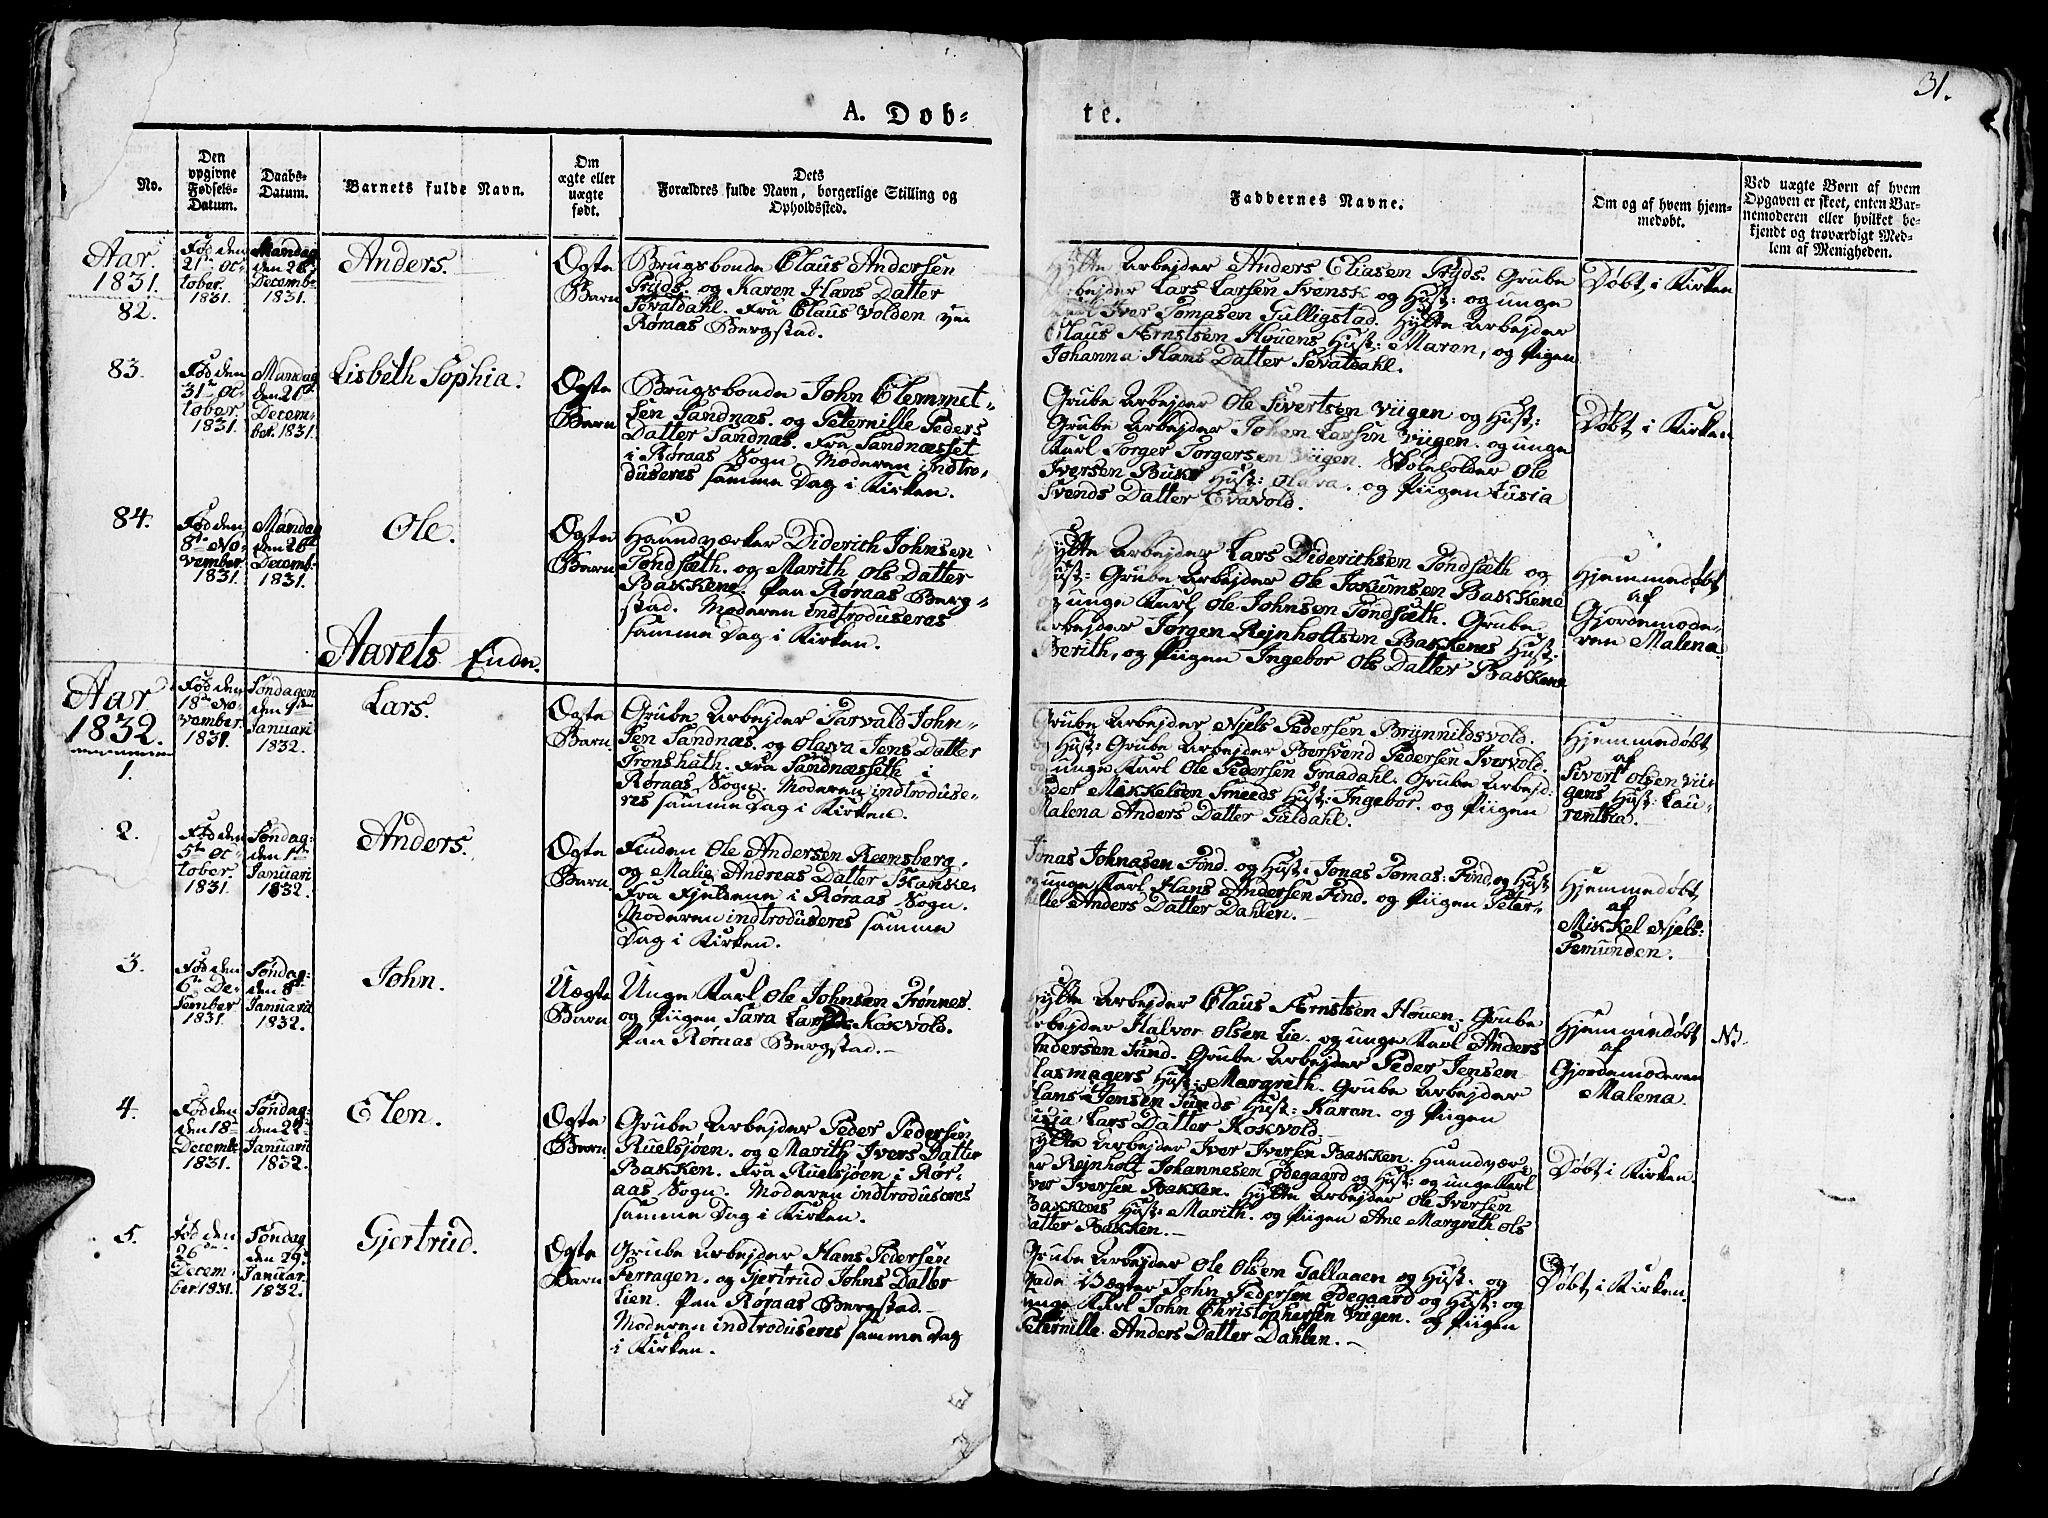 SAT, Ministerialprotokoller, klokkerbøker og fødselsregistre - Sør-Trøndelag, 681/L0938: Klokkerbok nr. 681C02, 1829-1879, s. 31